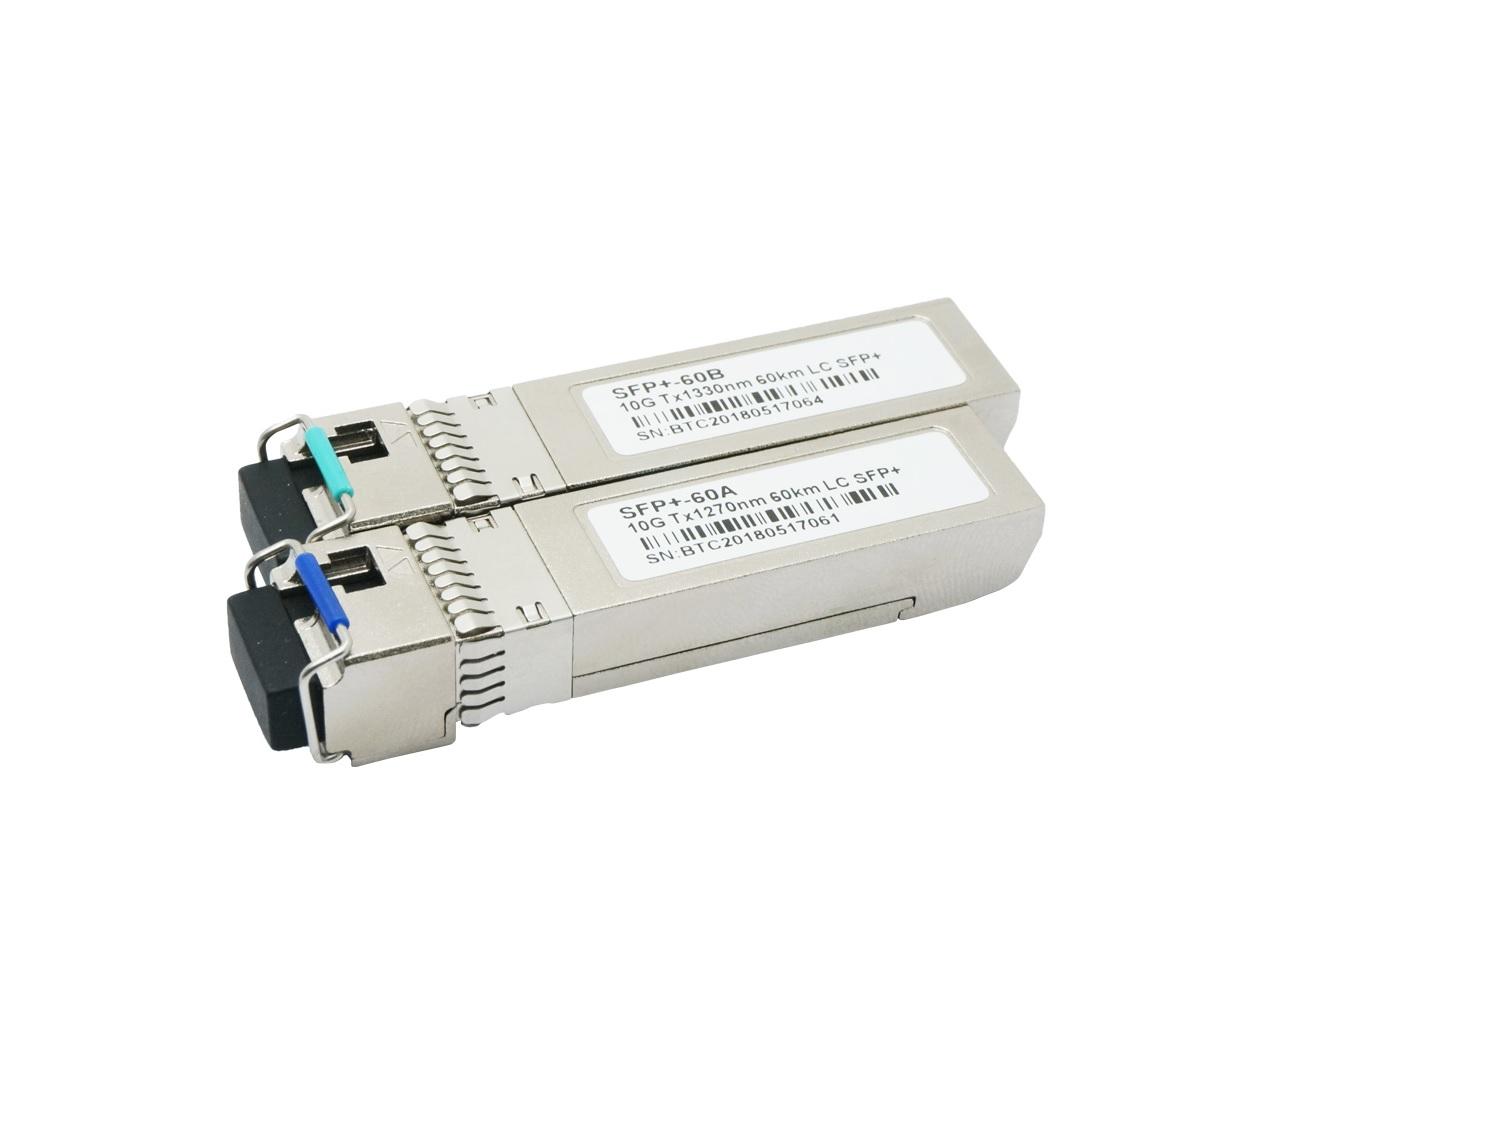 module quang SFP+ 10G transceiver